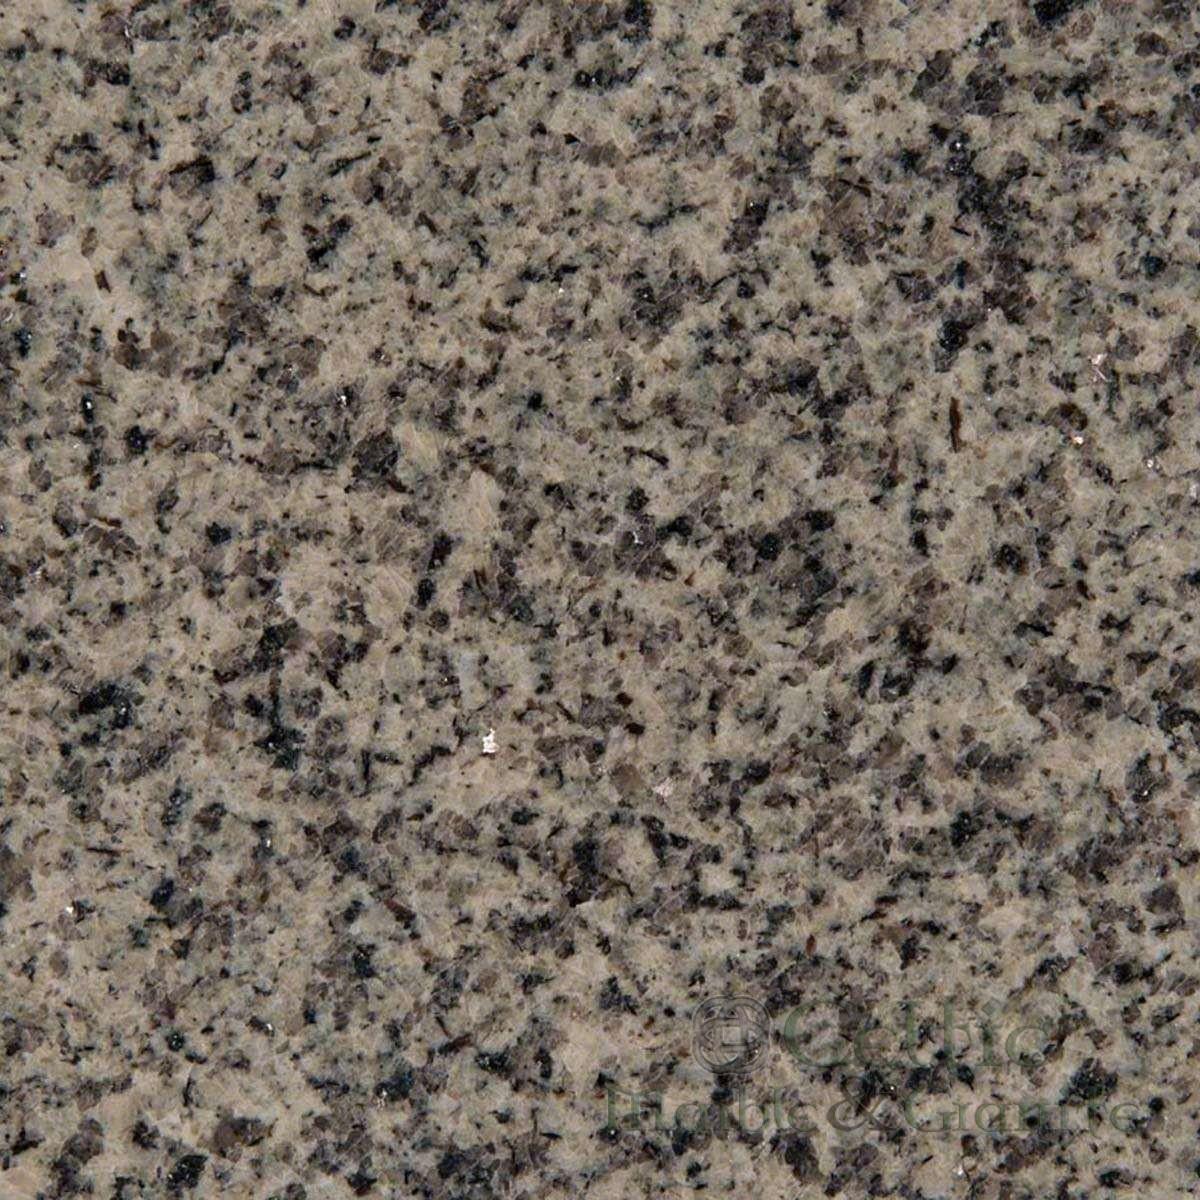 bohemian-gray-granite_1